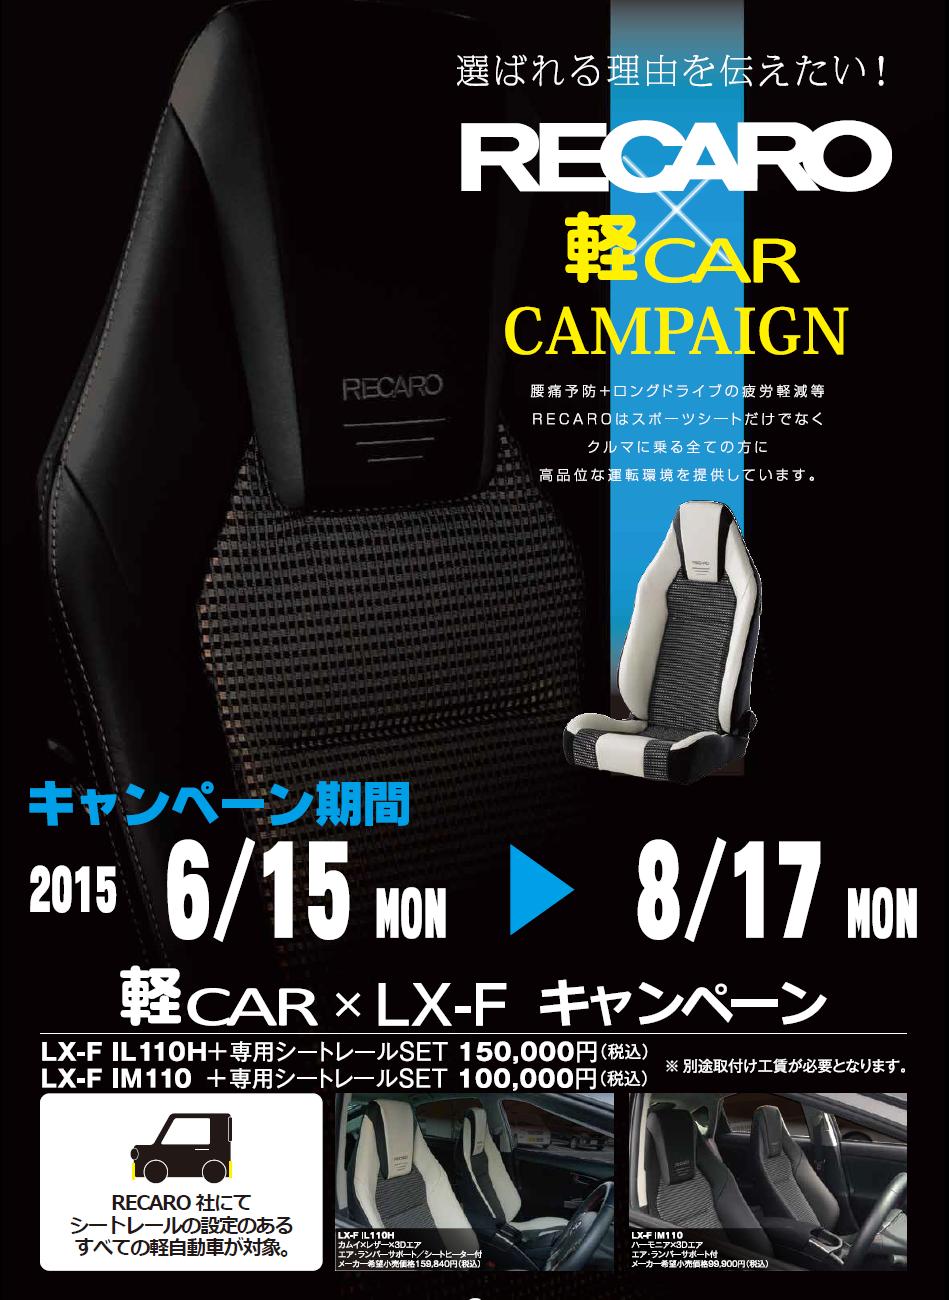 【イベント情報】軽CAR×RECARO LX-F キャンペーン!!